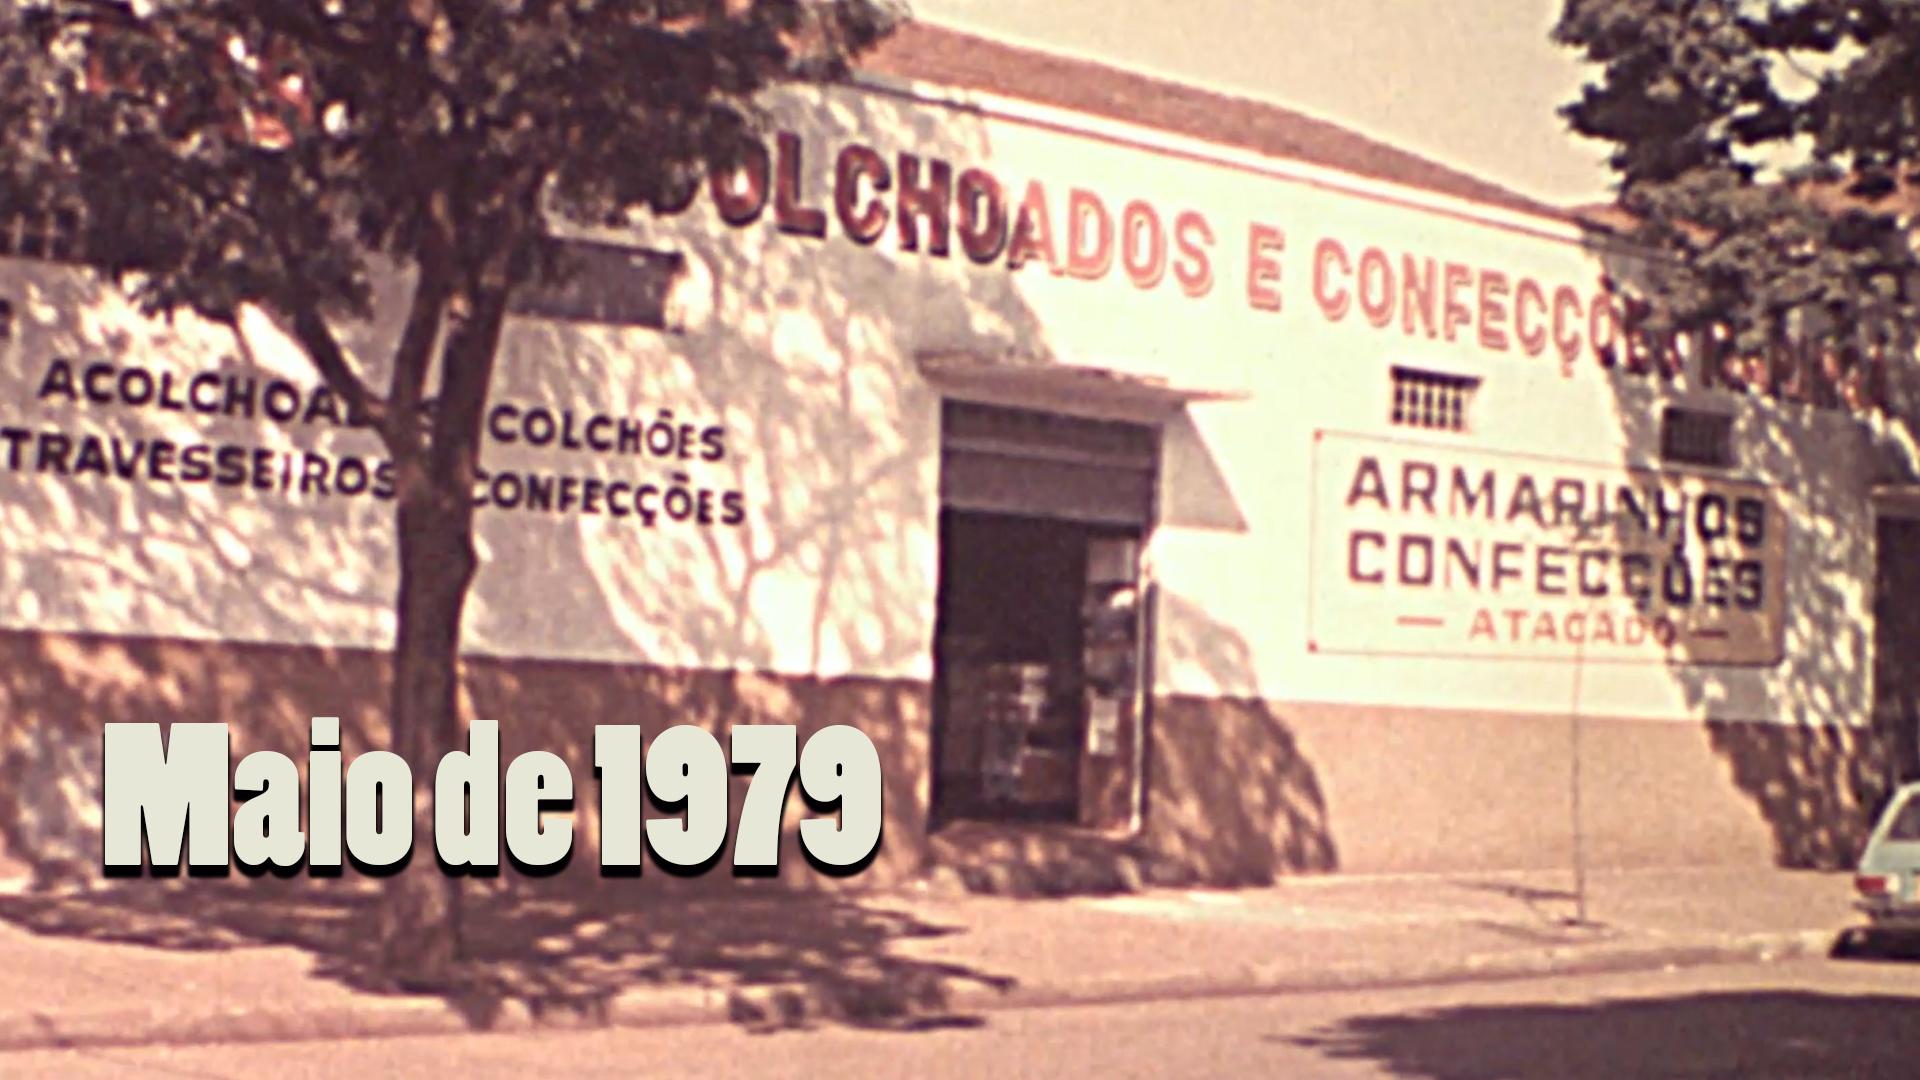 RARIDADE - Confecções Bandeirantes em 1979